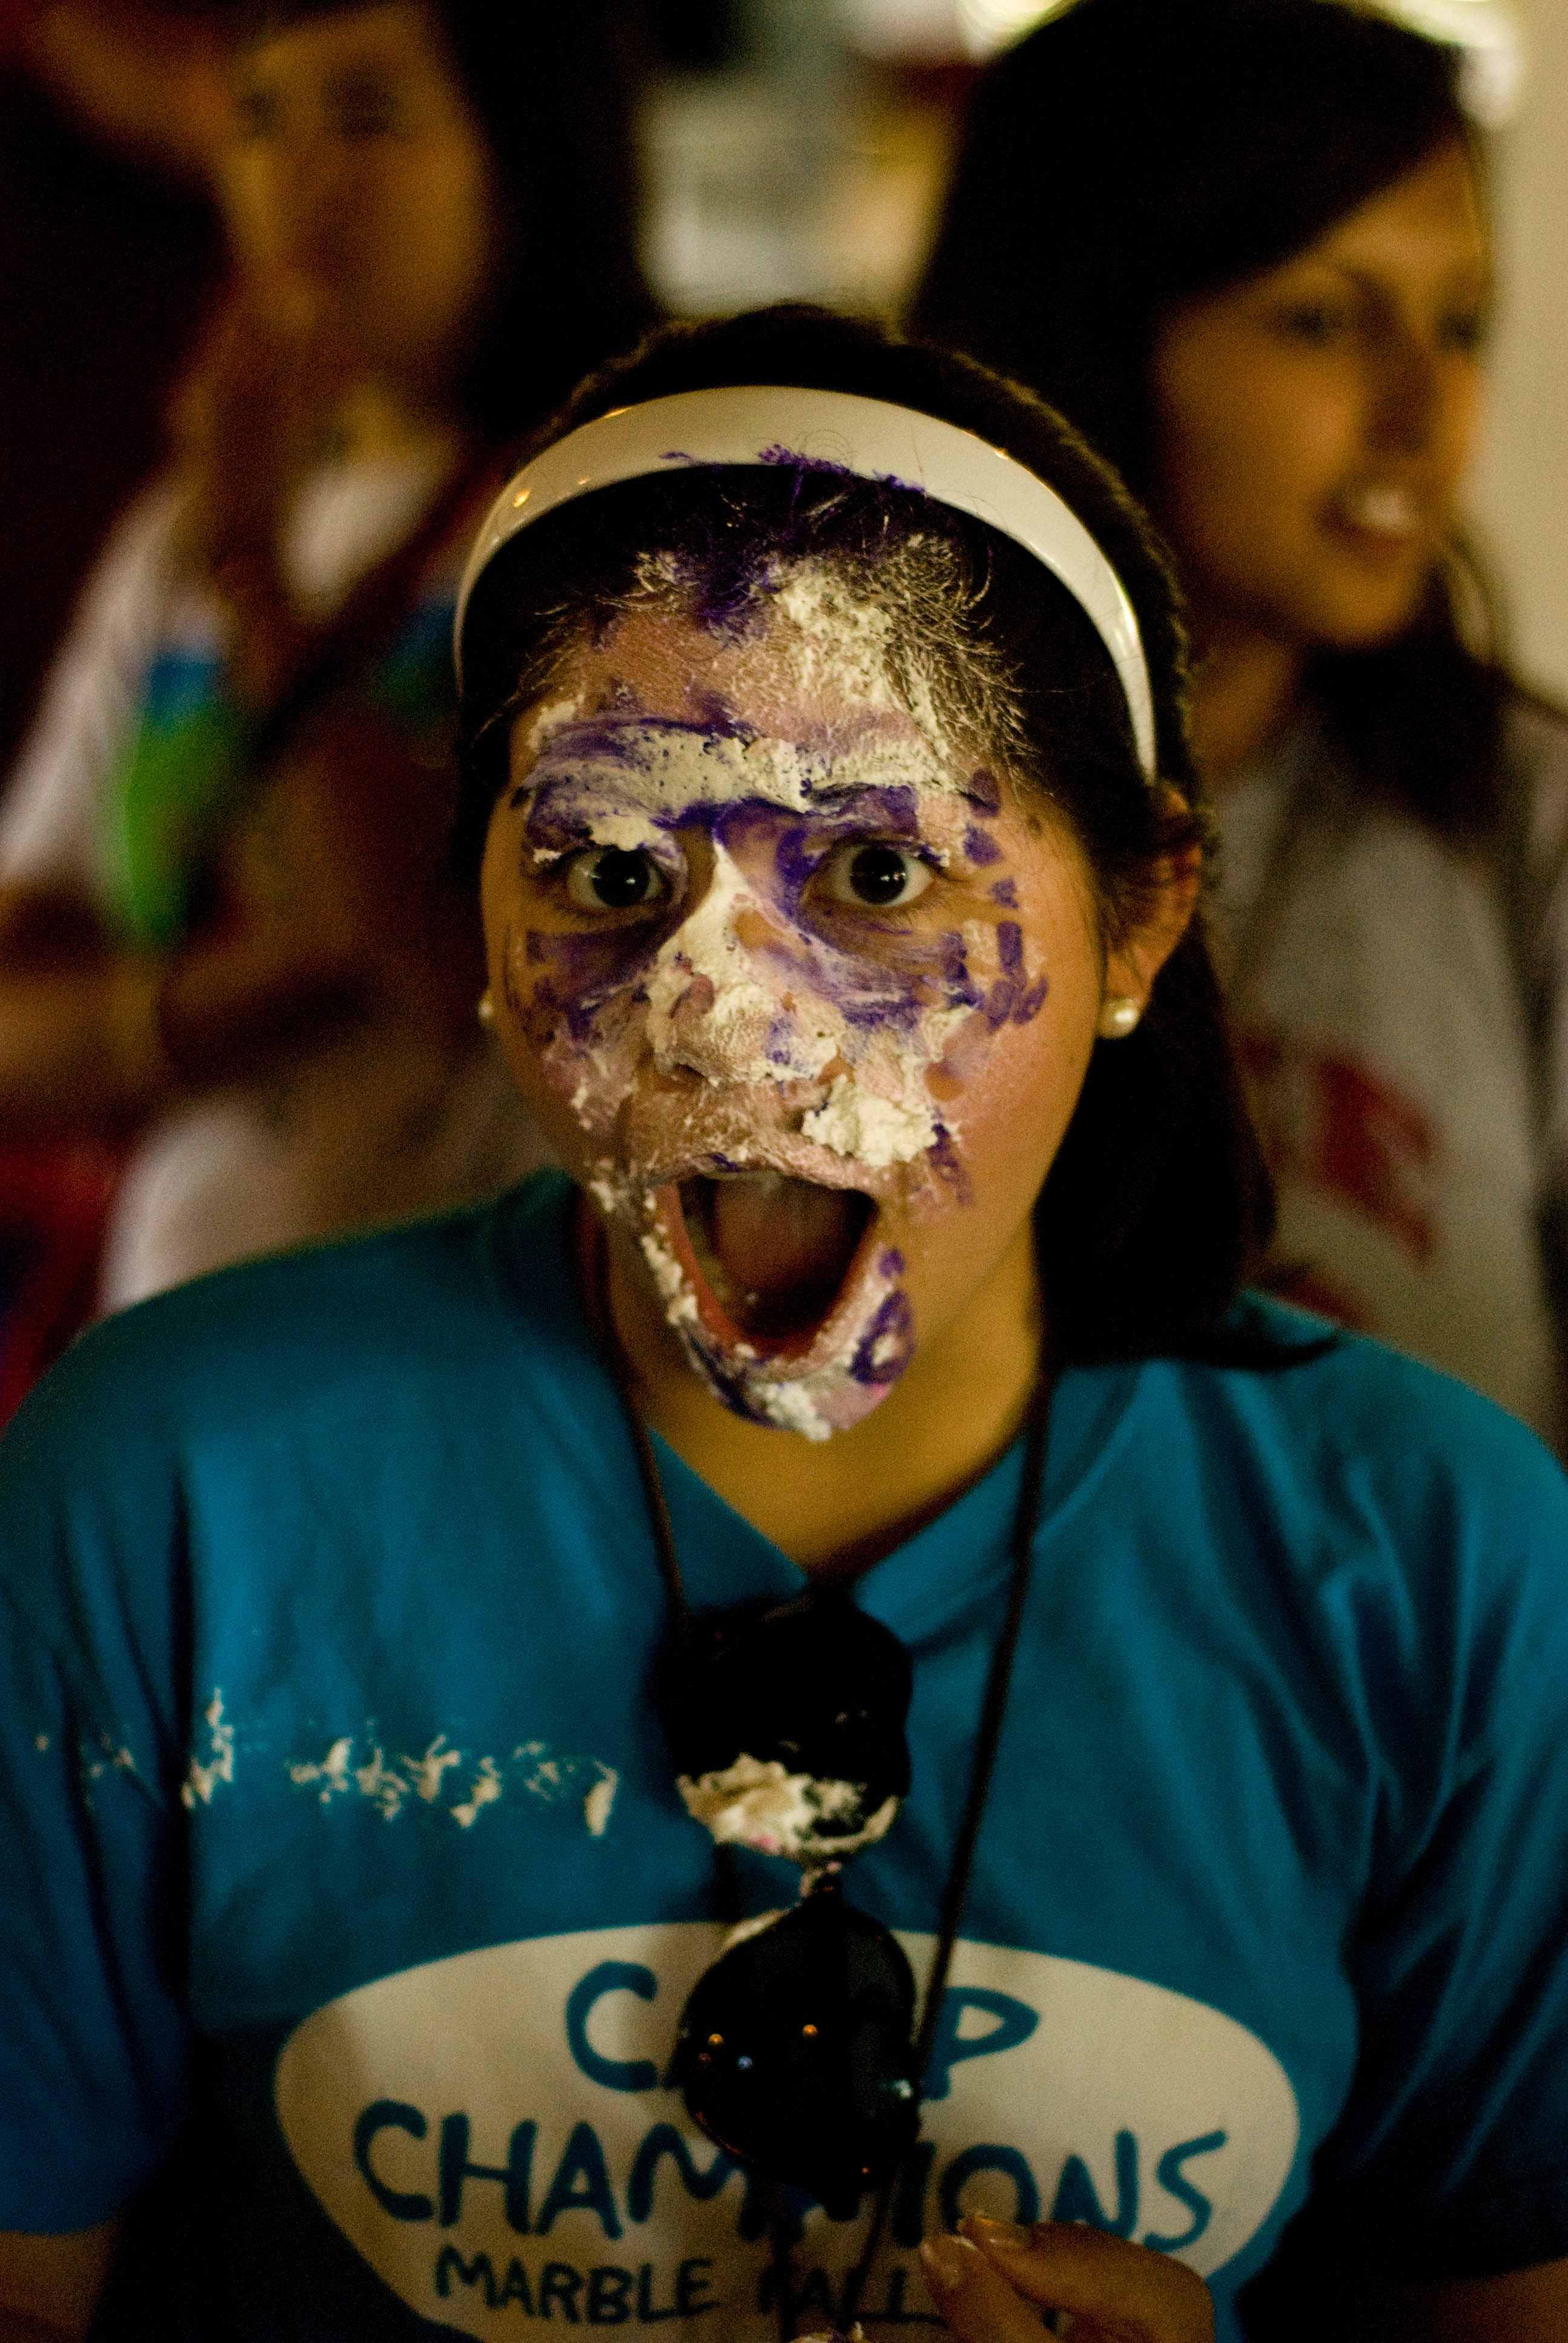 Cake in face